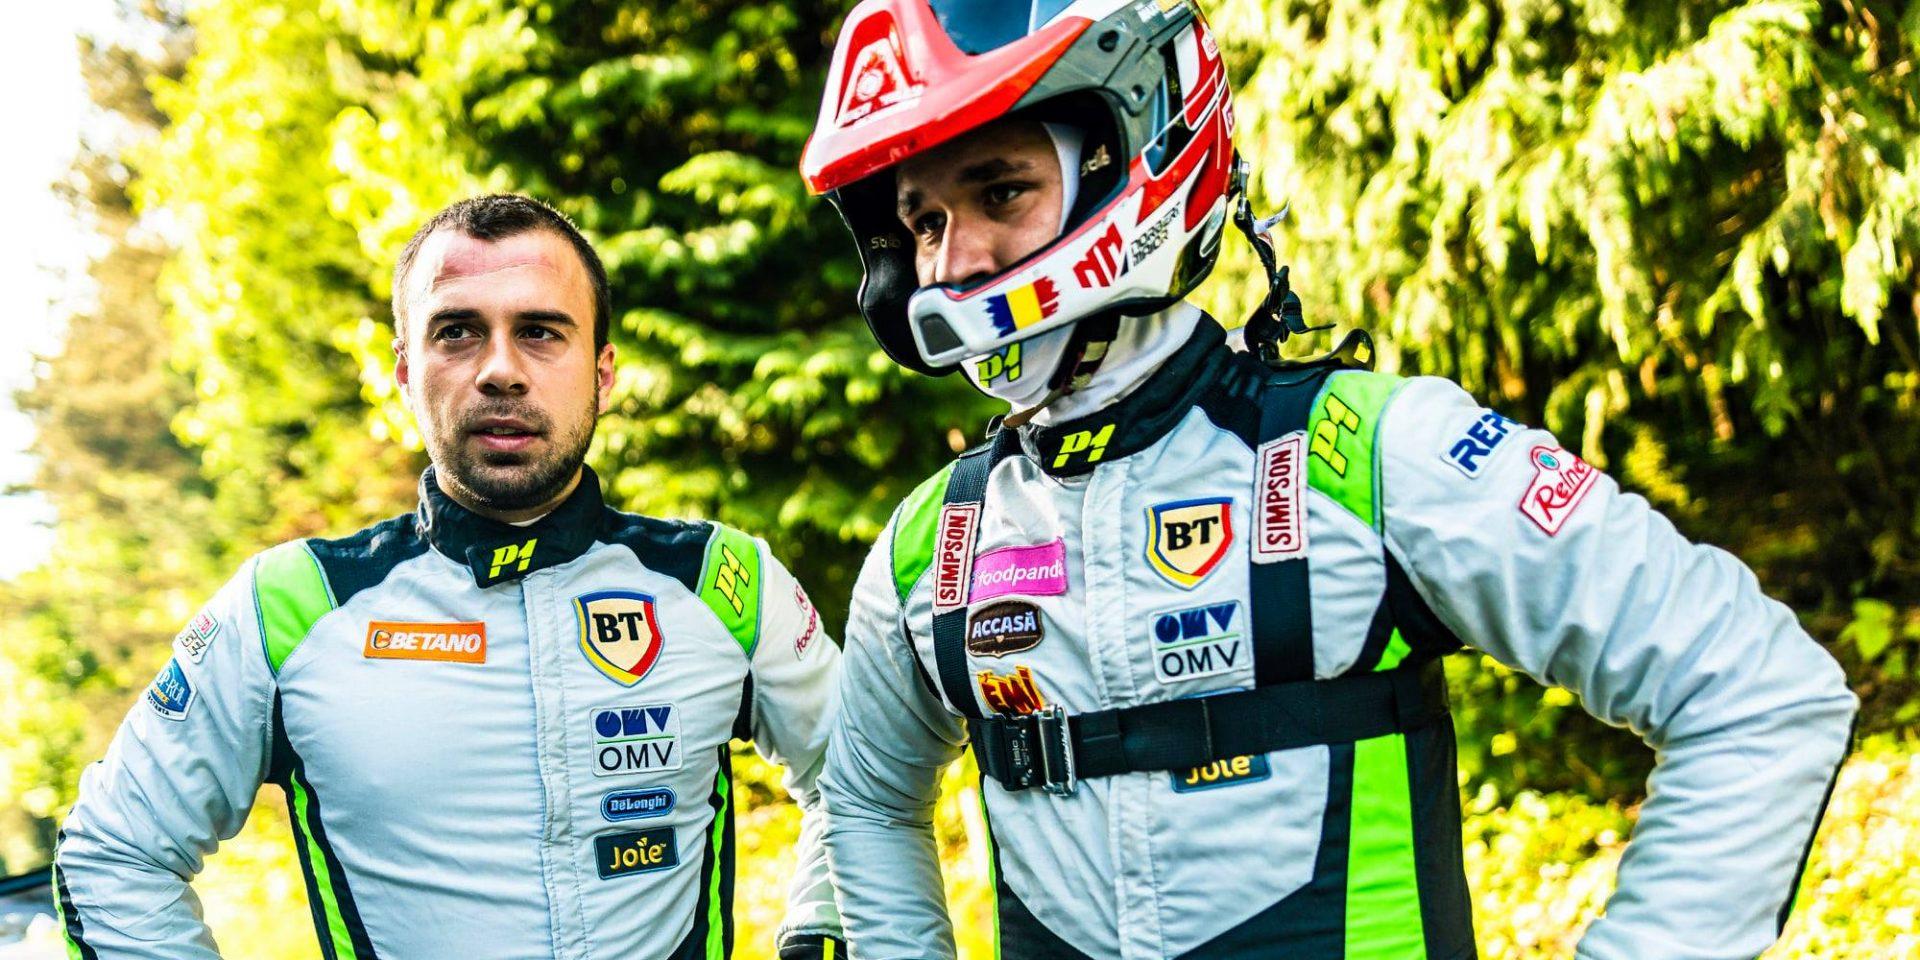 Două echipaje din România la startul Rally Poland, prima etapă ERC 2021